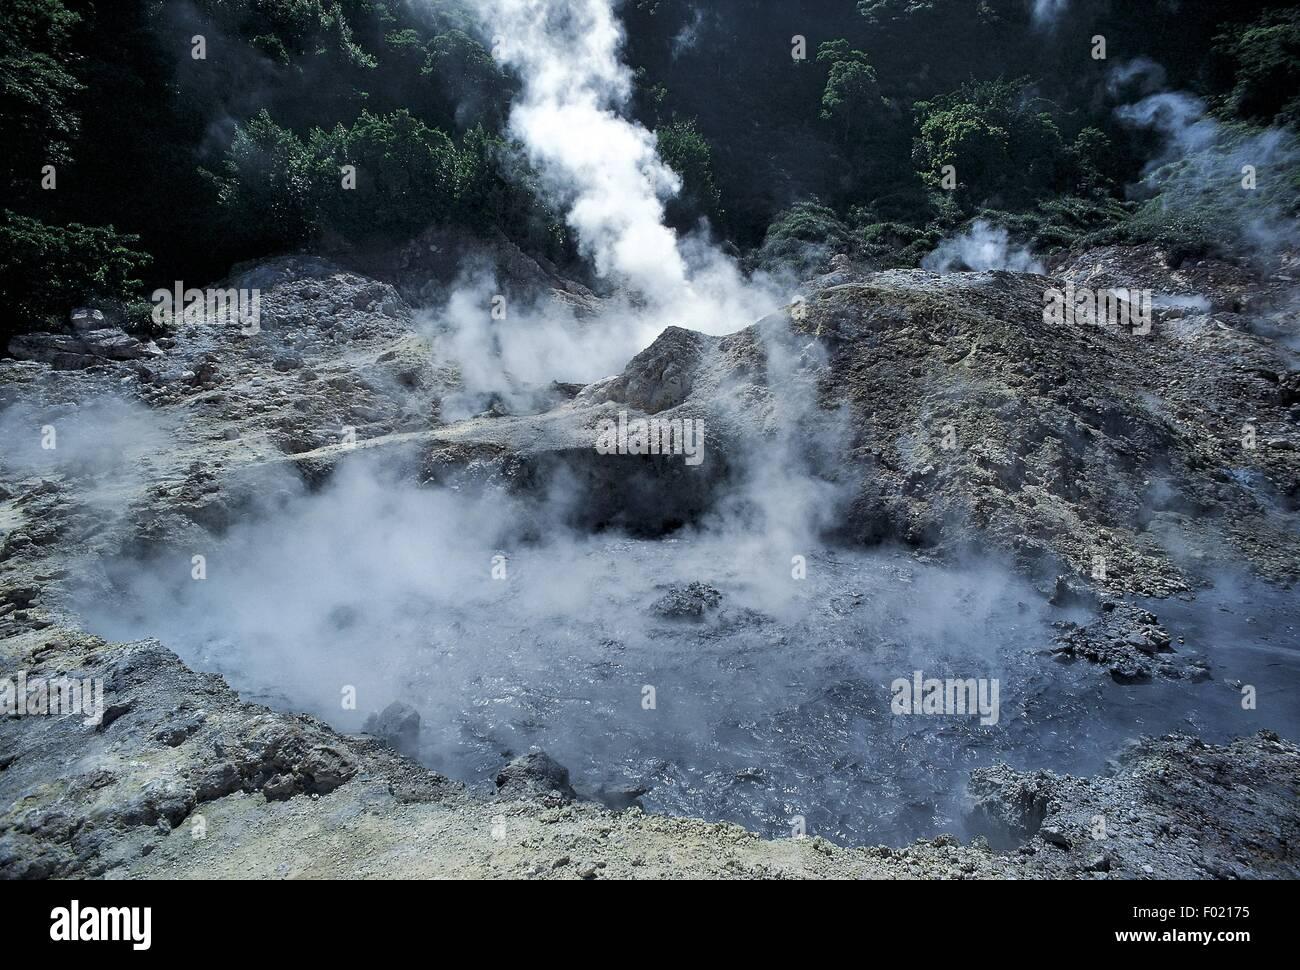 Westindische Inseln - Antillen - St. Lucia - schwefelhaltige Dampfventil (Solfatara) Stockbild